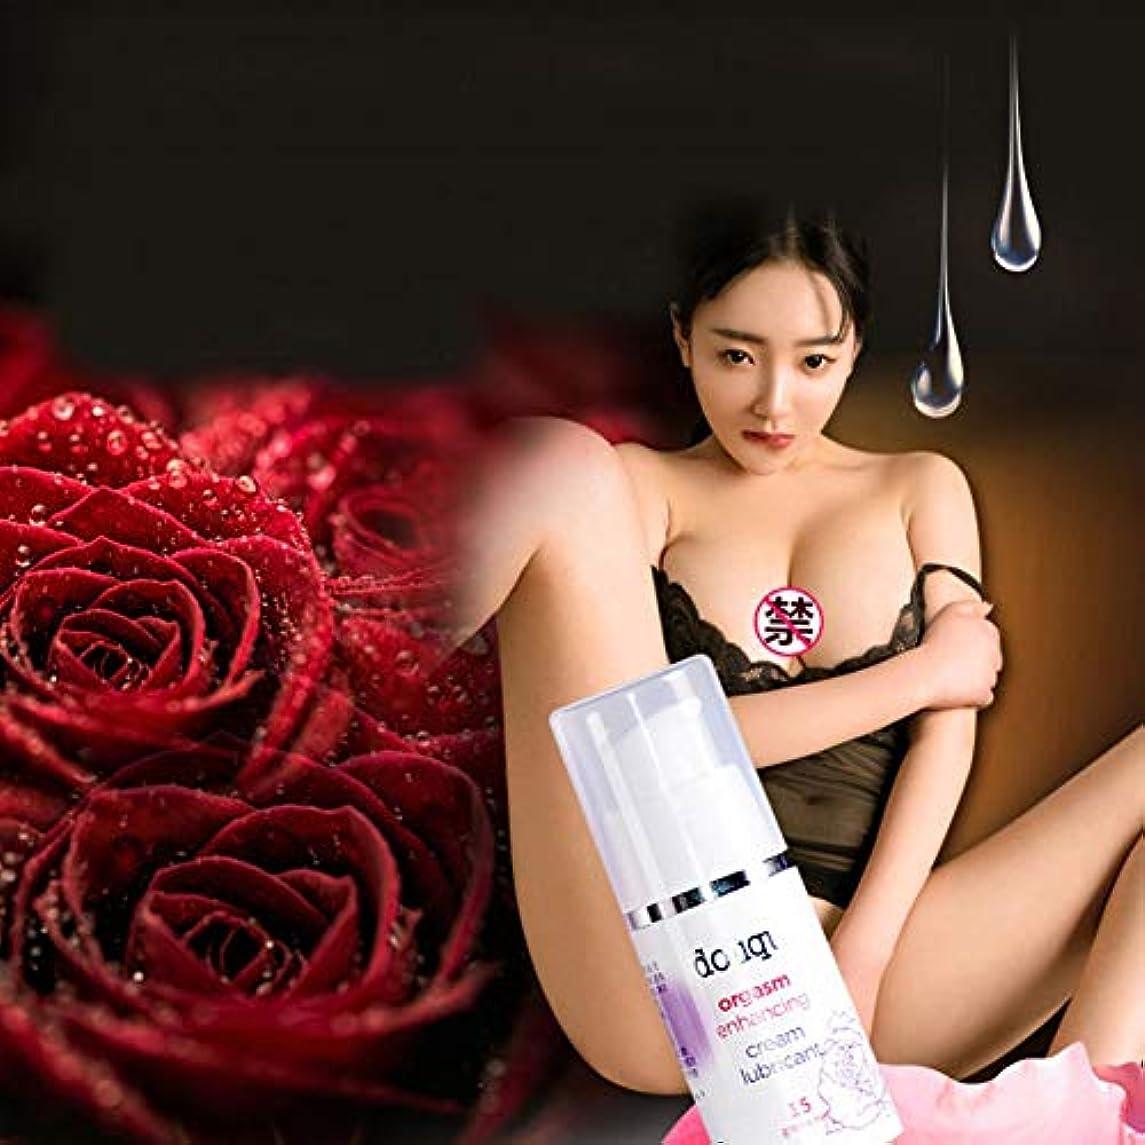 ボクシング財政燃やすBalai 女性のための性的オーガズム強化潤滑剤 クリーム性的快感強化製品